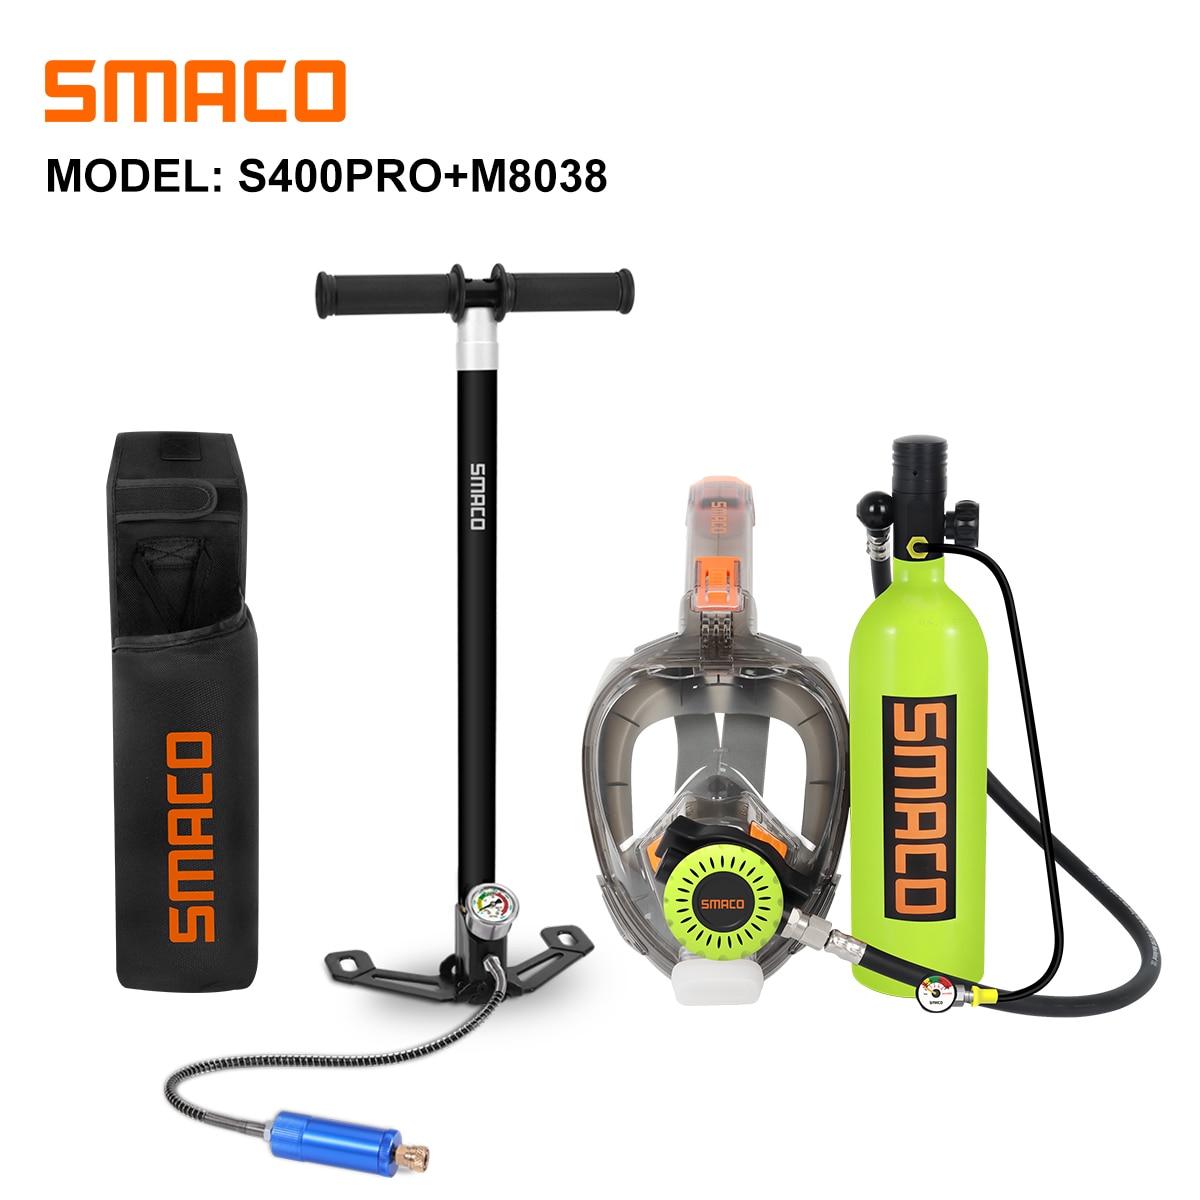 SMACO S400Pro оборудование для подводного плавания маска для подводного плавания снаряжение для дайвинга мини кислородный баллон Подводное дыха...